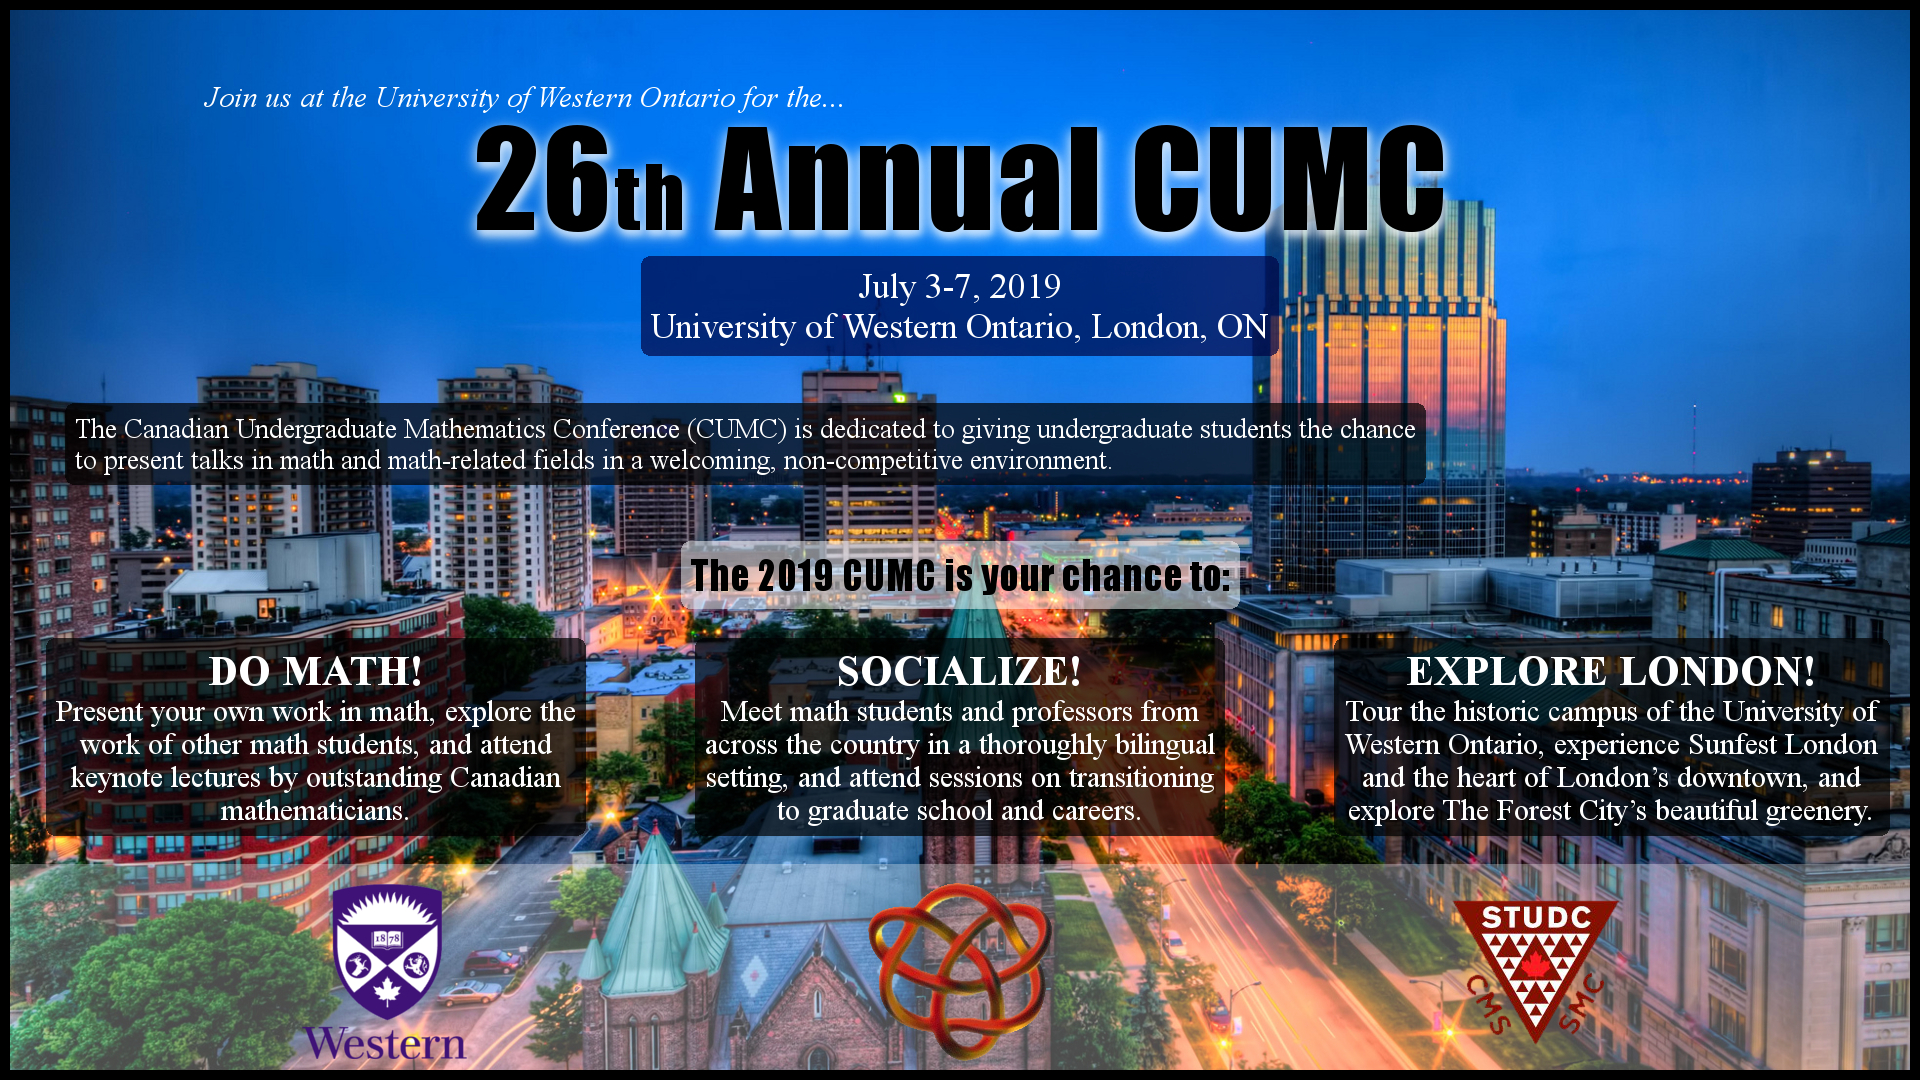 CUMC 2019 Bids